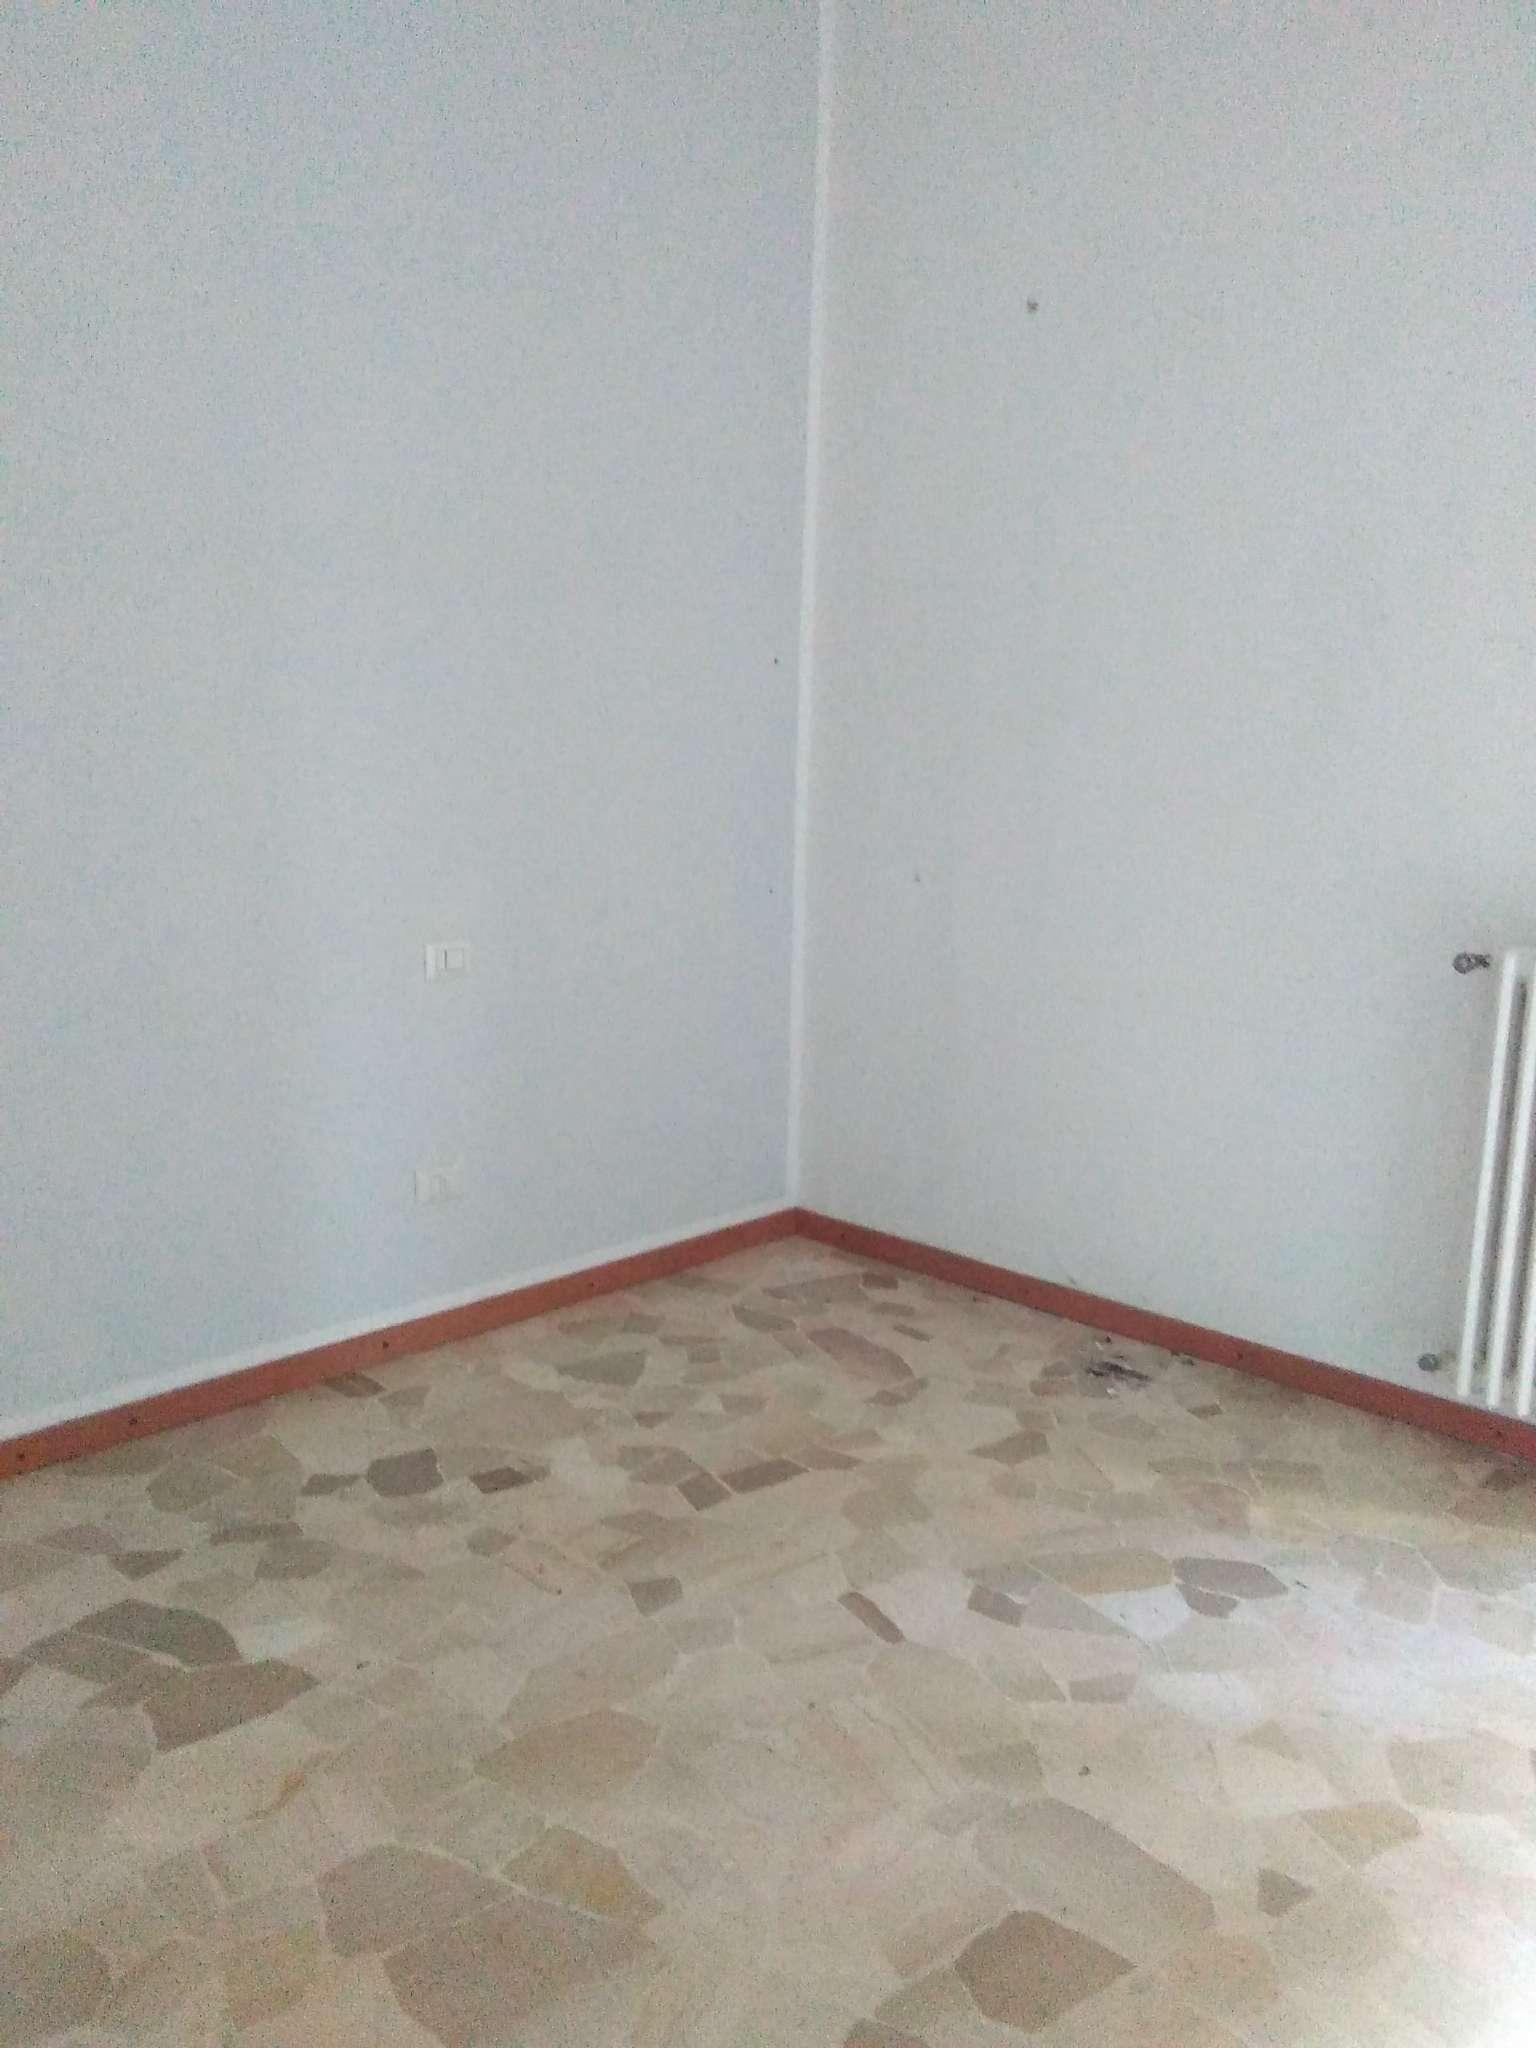 Appartamento in affitto a Milano, 1 locali, zona Zona: 14 . Lotto, Novara, San Siro, QT8 , Montestella, Rembrandt, prezzo € 550 | CambioCasa.it